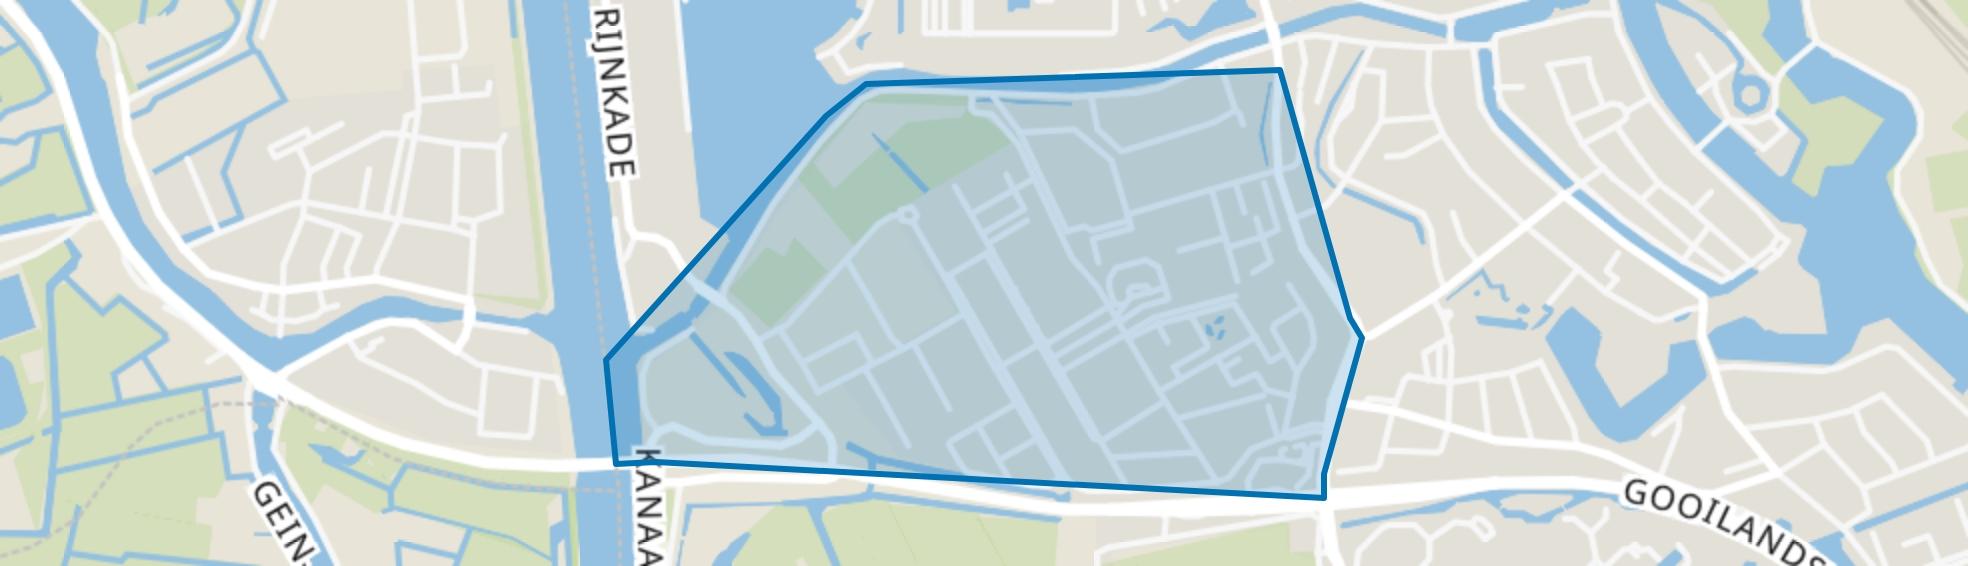 Bedrijventerrein Van Houten, Weesp map